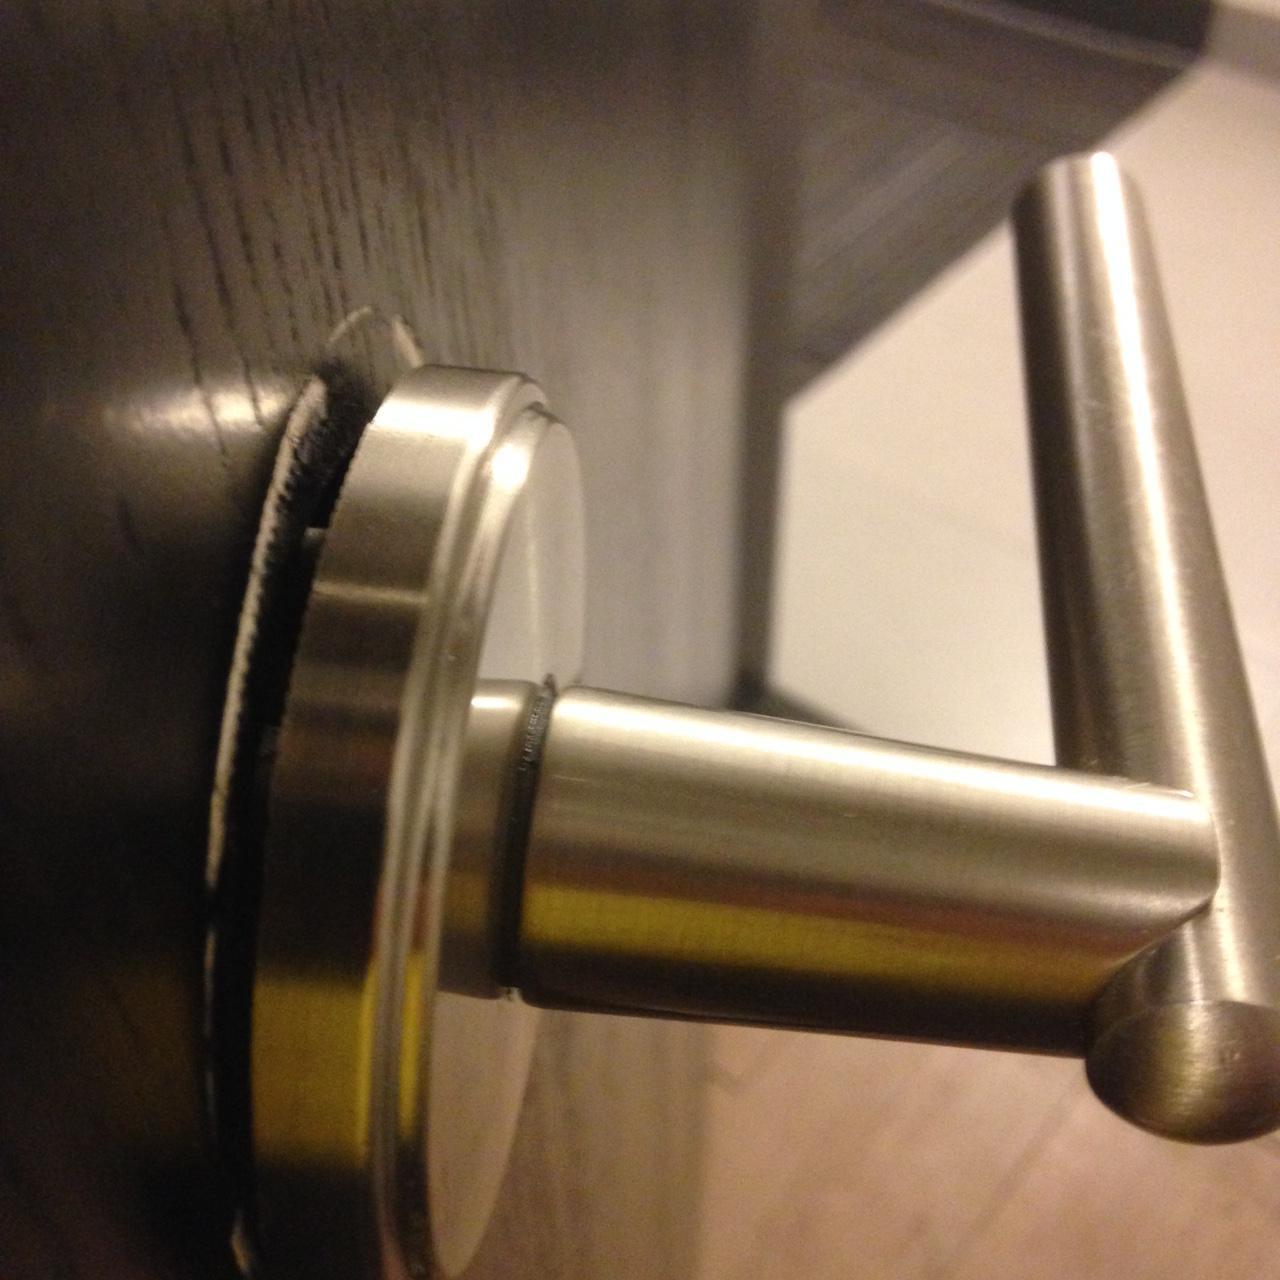 fixing loose door knob photo - 13